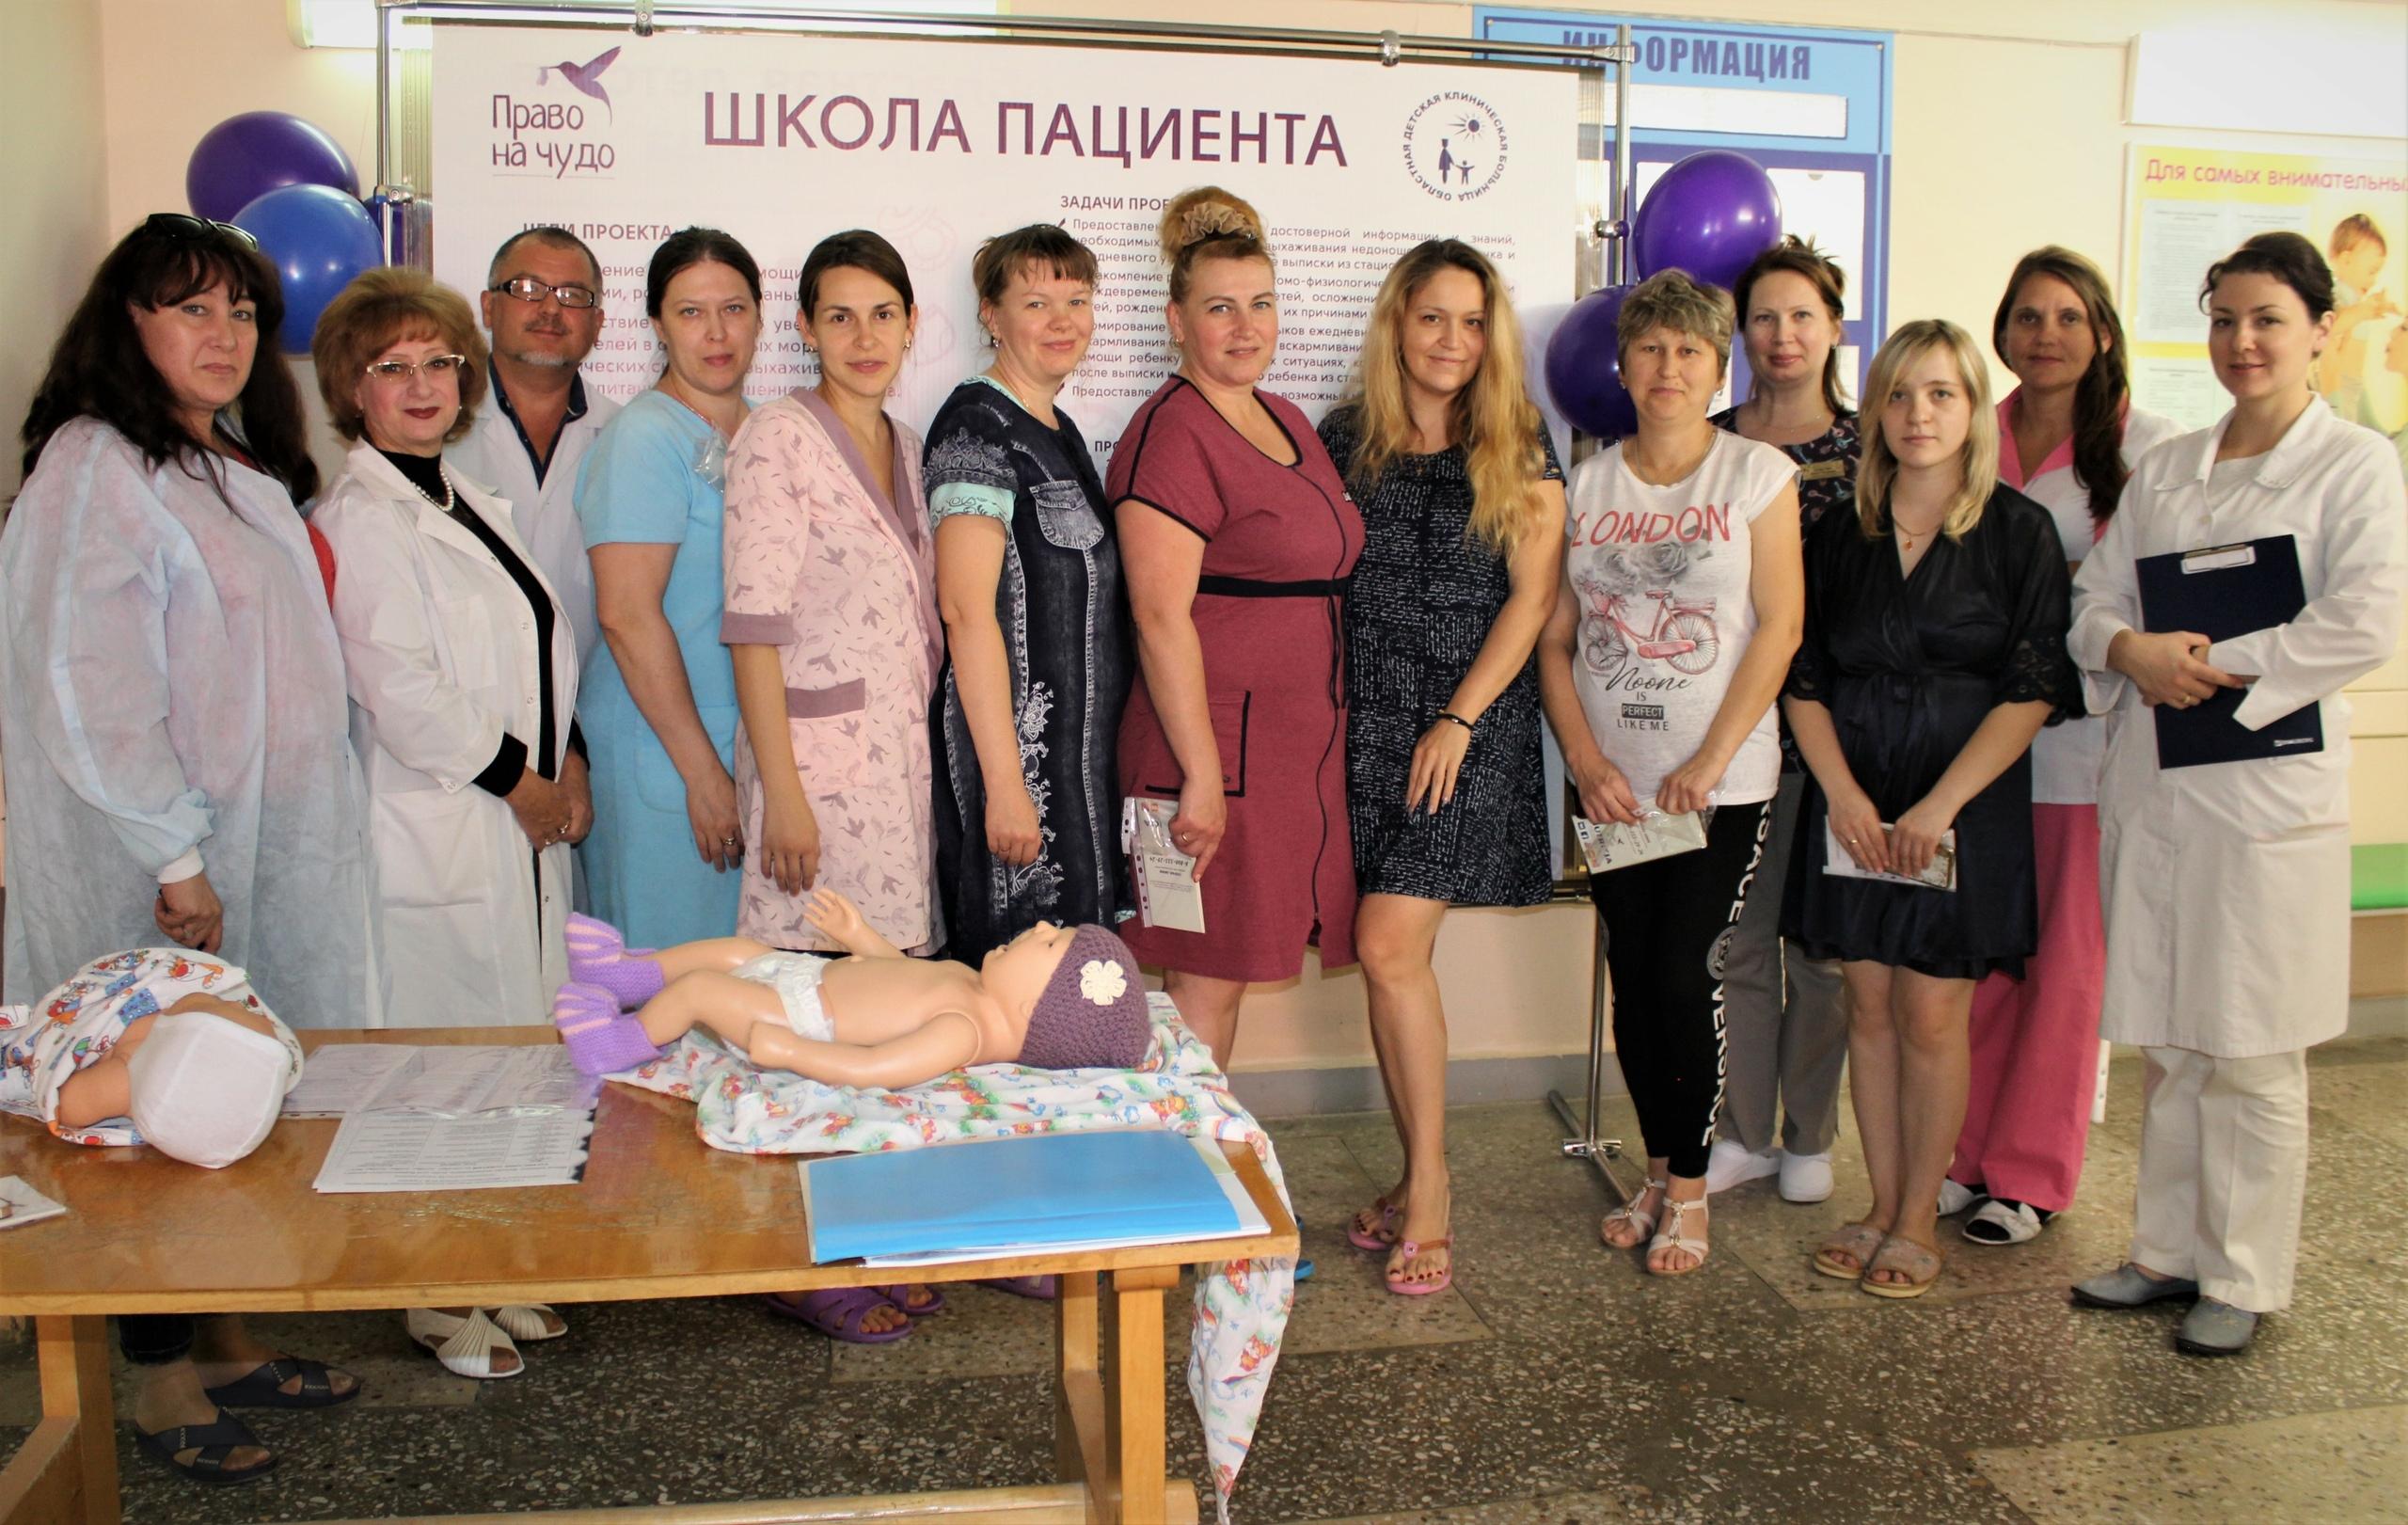 В Перинатальном центре «Мама»УОДКБ им. Ю.Ф. Горячевав городе Ульяновск состоялось открытие в обновленном формате Школы для родителей недоношенных детей.